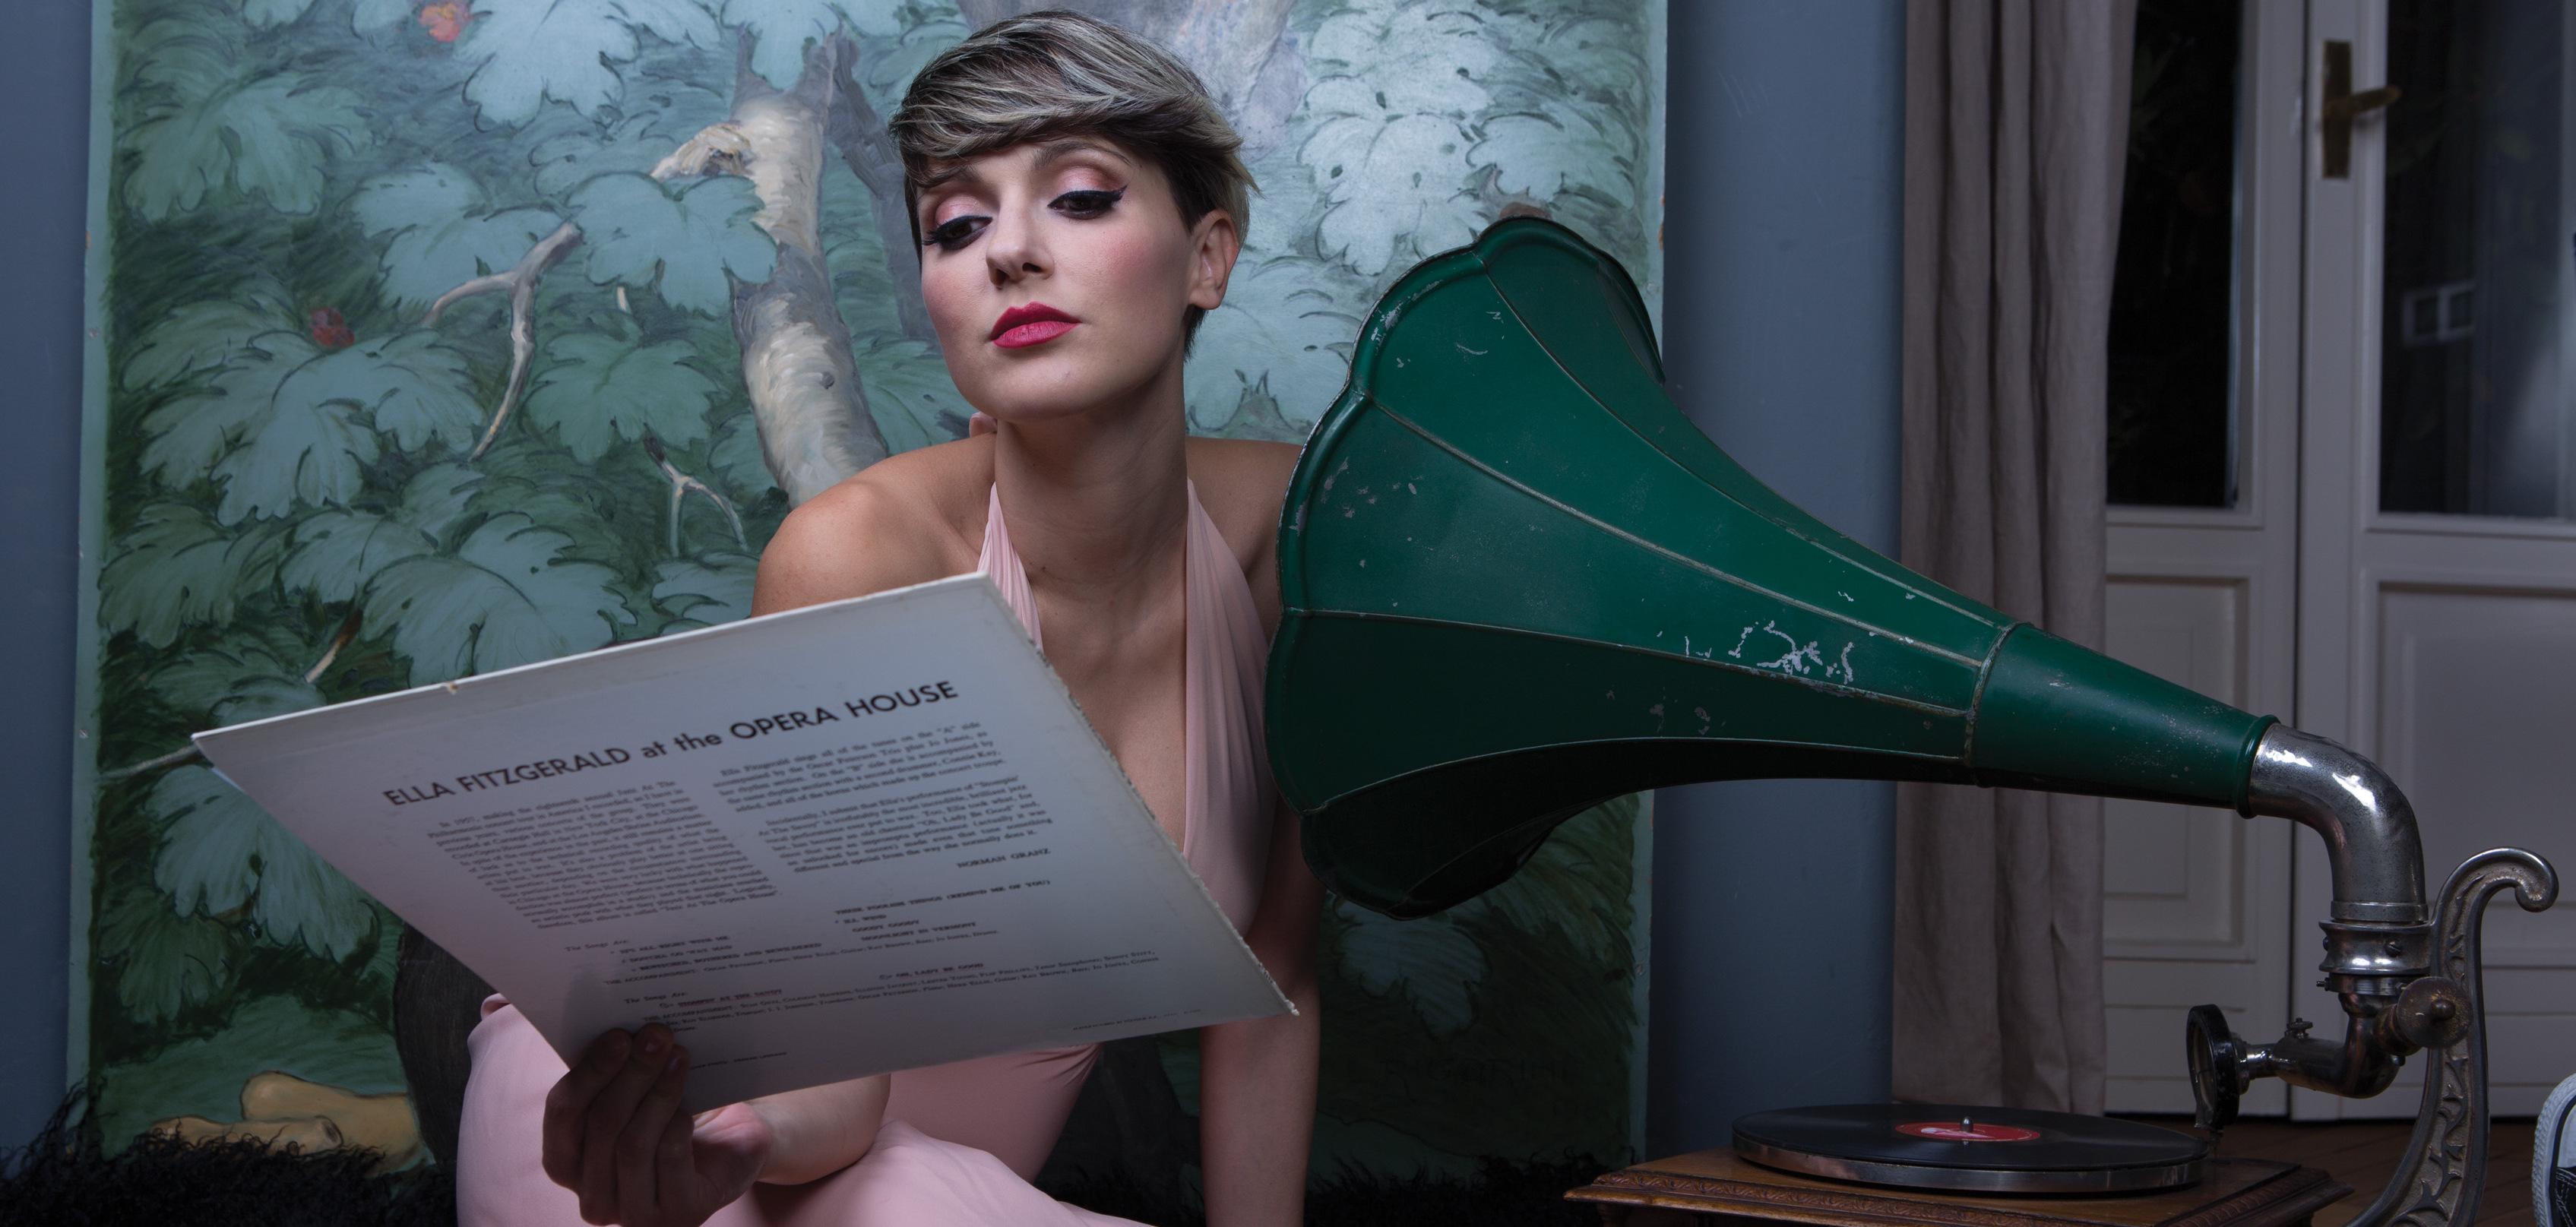 """Intervista a Simona Molinari: """"Sono io, serenamente me stessa e il Jazz, finalmente!"""""""